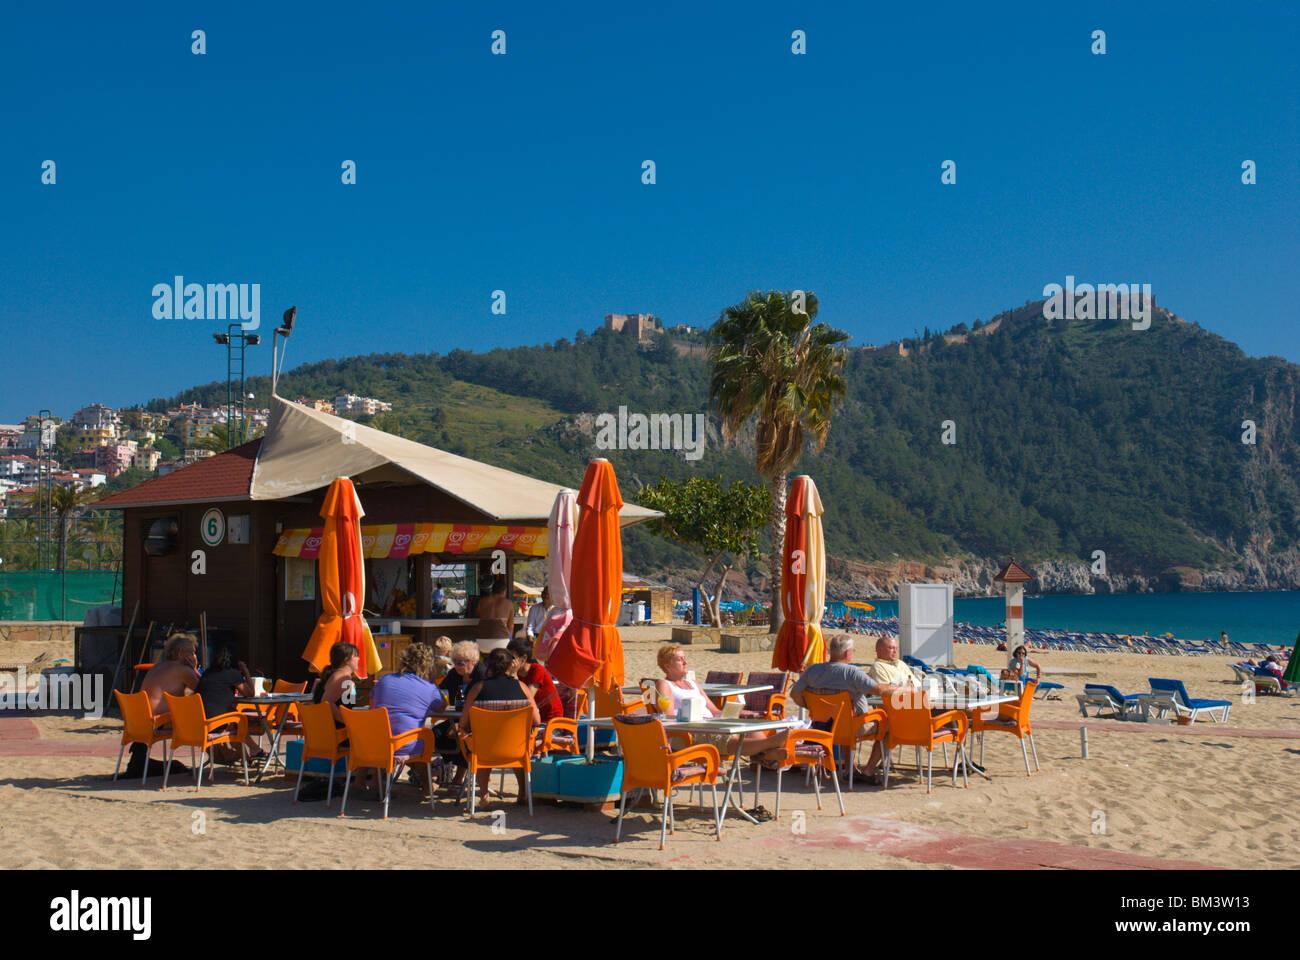 Cafe bar Cleopatra beach Alanya Mediterranian coast Anatolia region Turkey Asia - Stock Image